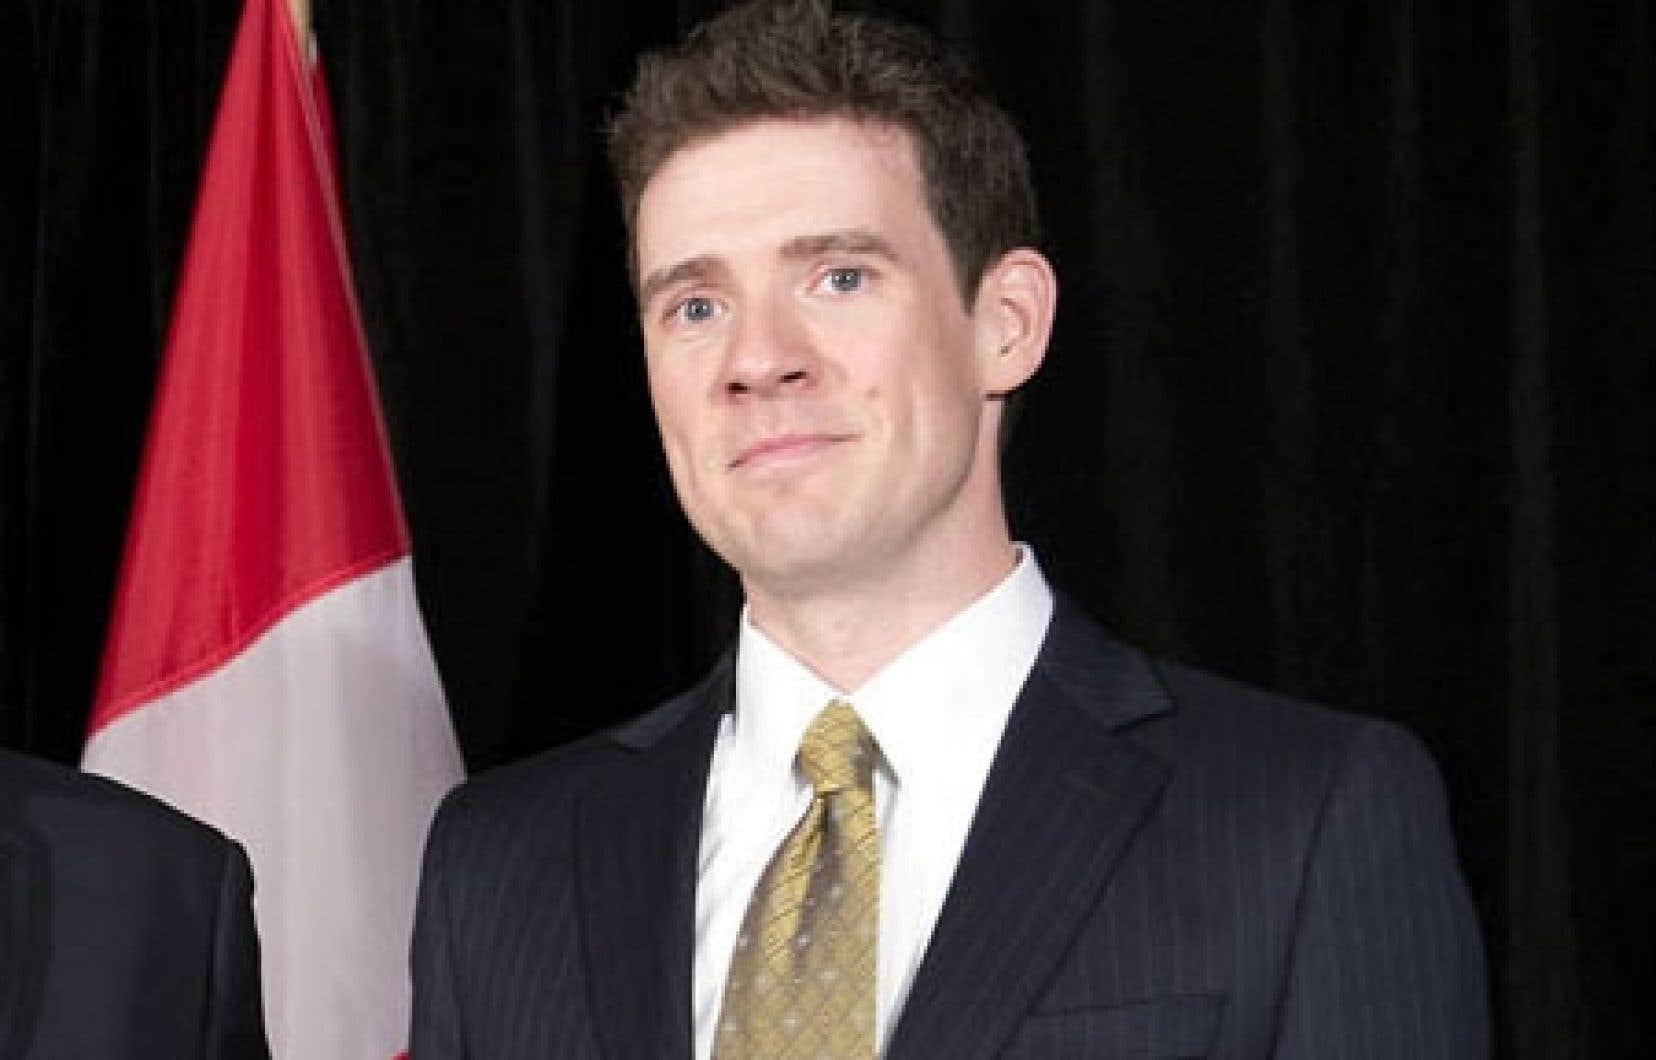 Andrew Bennett, un ex-fonctionnaire fédéral et doyen d'un collège chrétien, dirigera le nouveau Bureau de la liberté religieuse au ministère des Affaires étrangères.